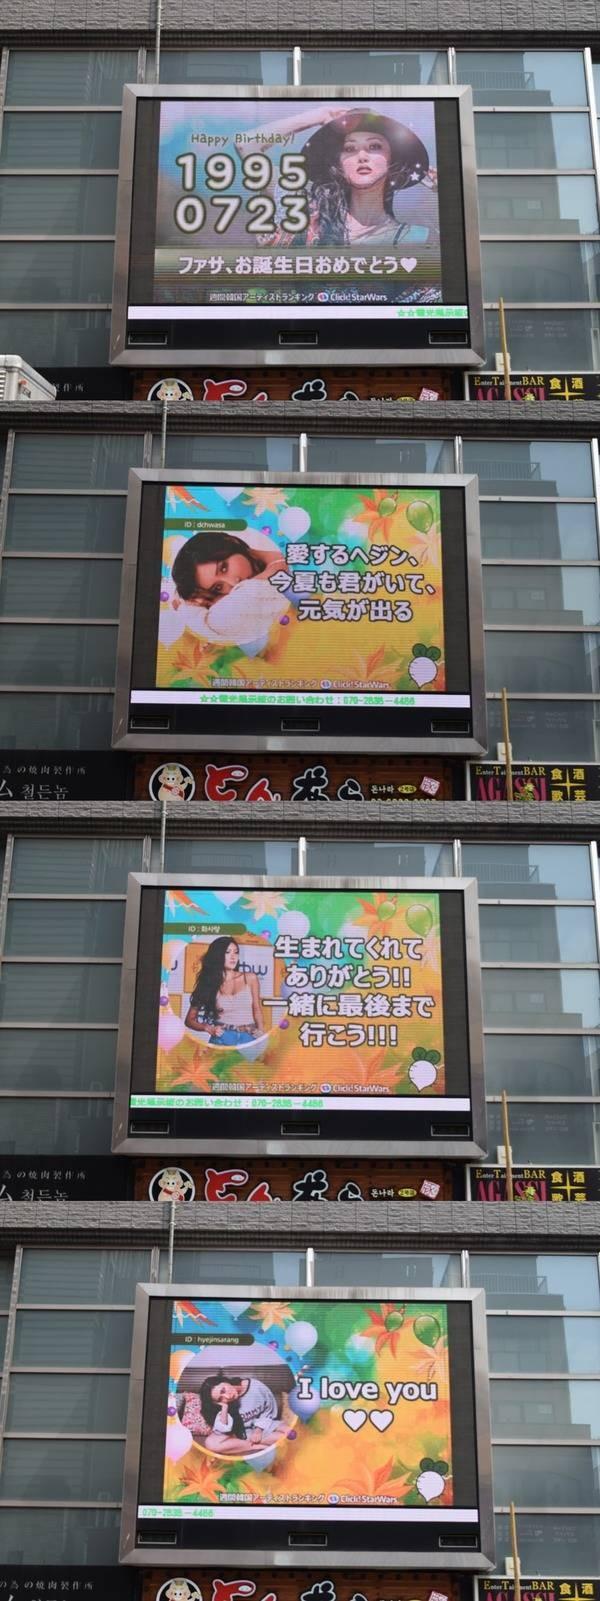 마마무 화사 생일 맞아 韓·中·日 팬덤합작 전광판 서포트 '눈길'